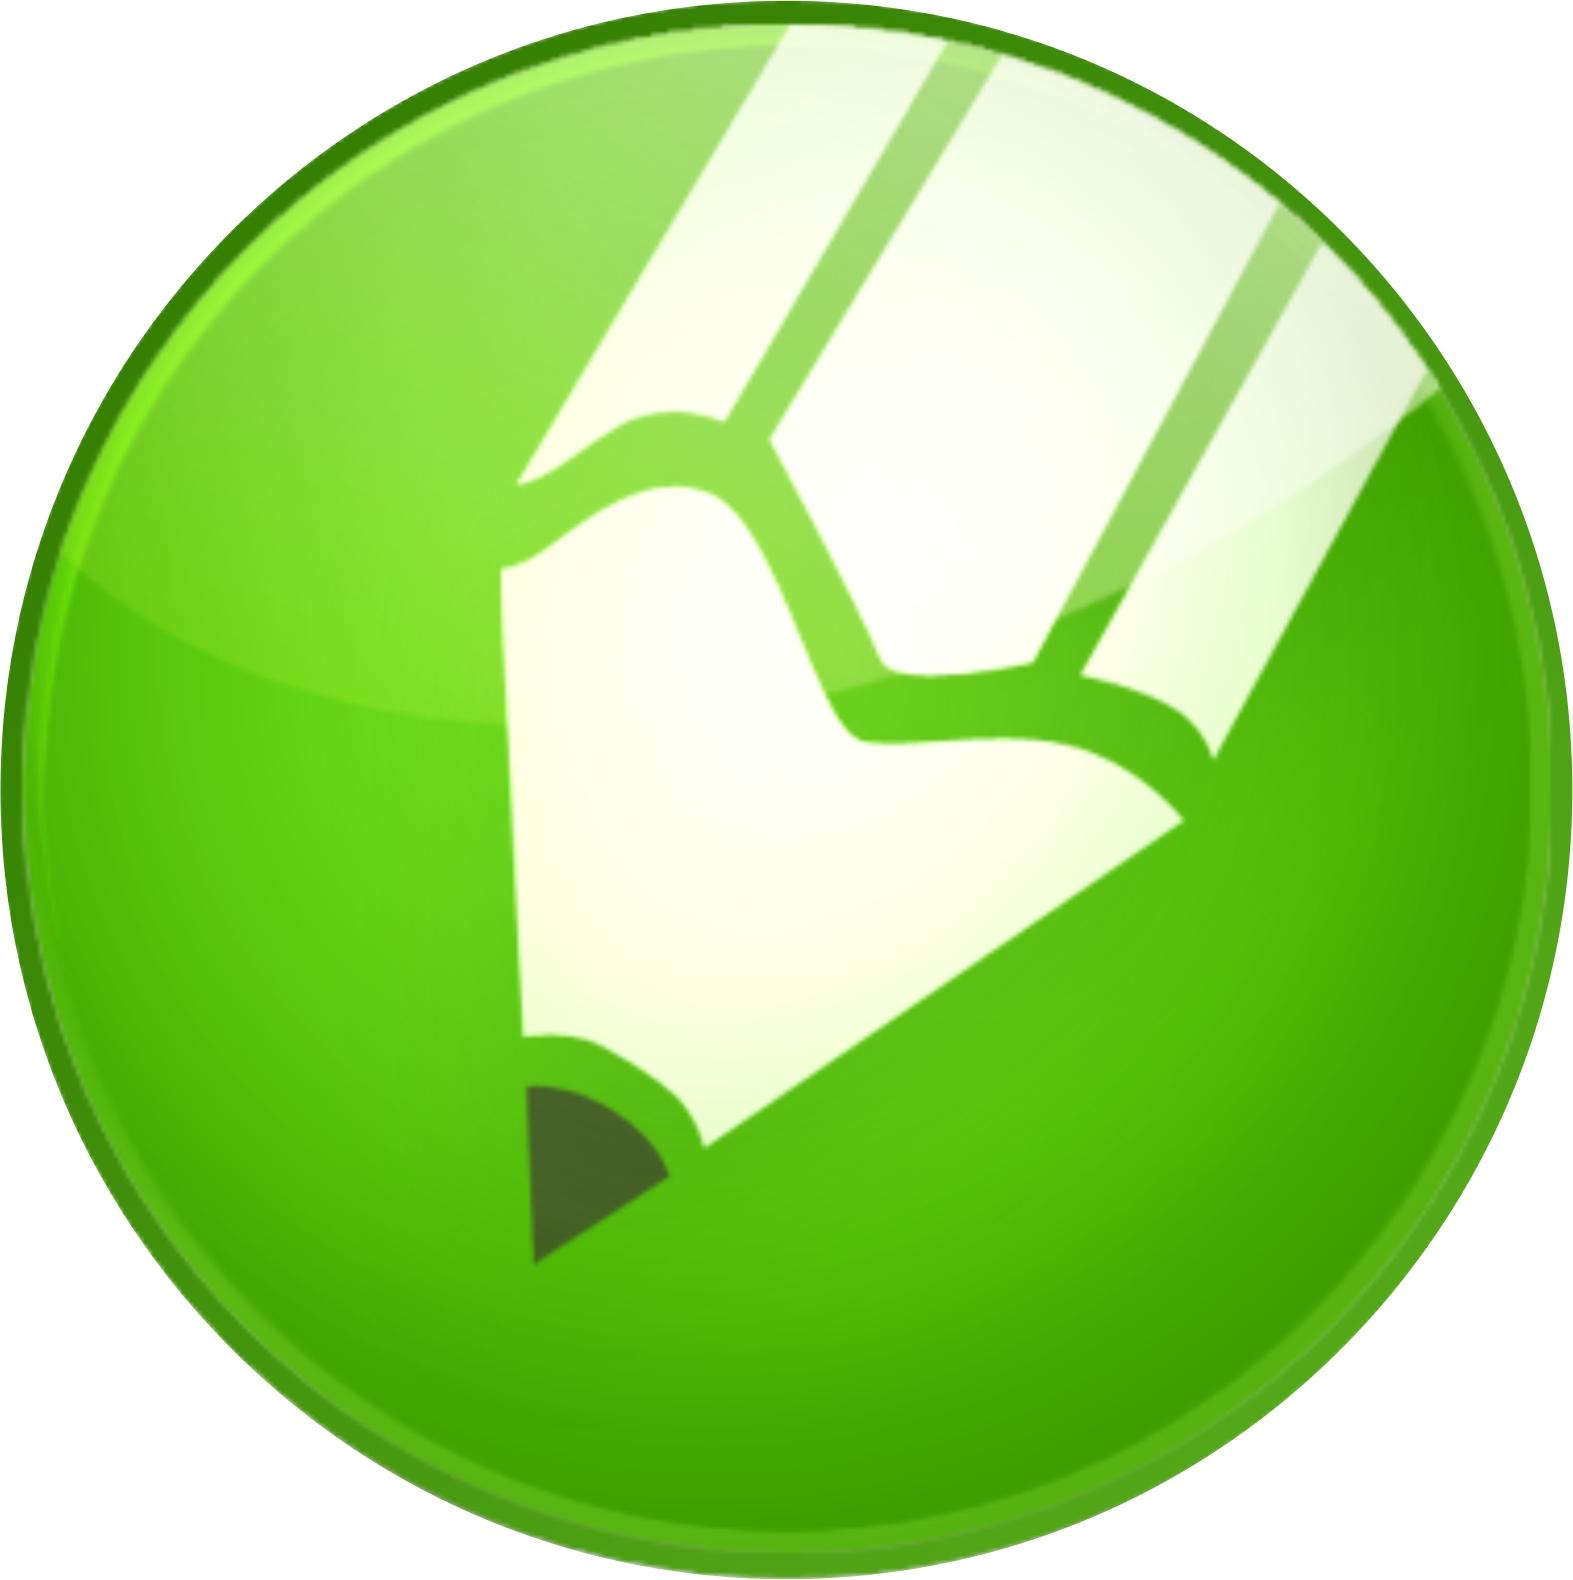 Download Logo Corel Draw Cdr Gratis - Ihsan Pras